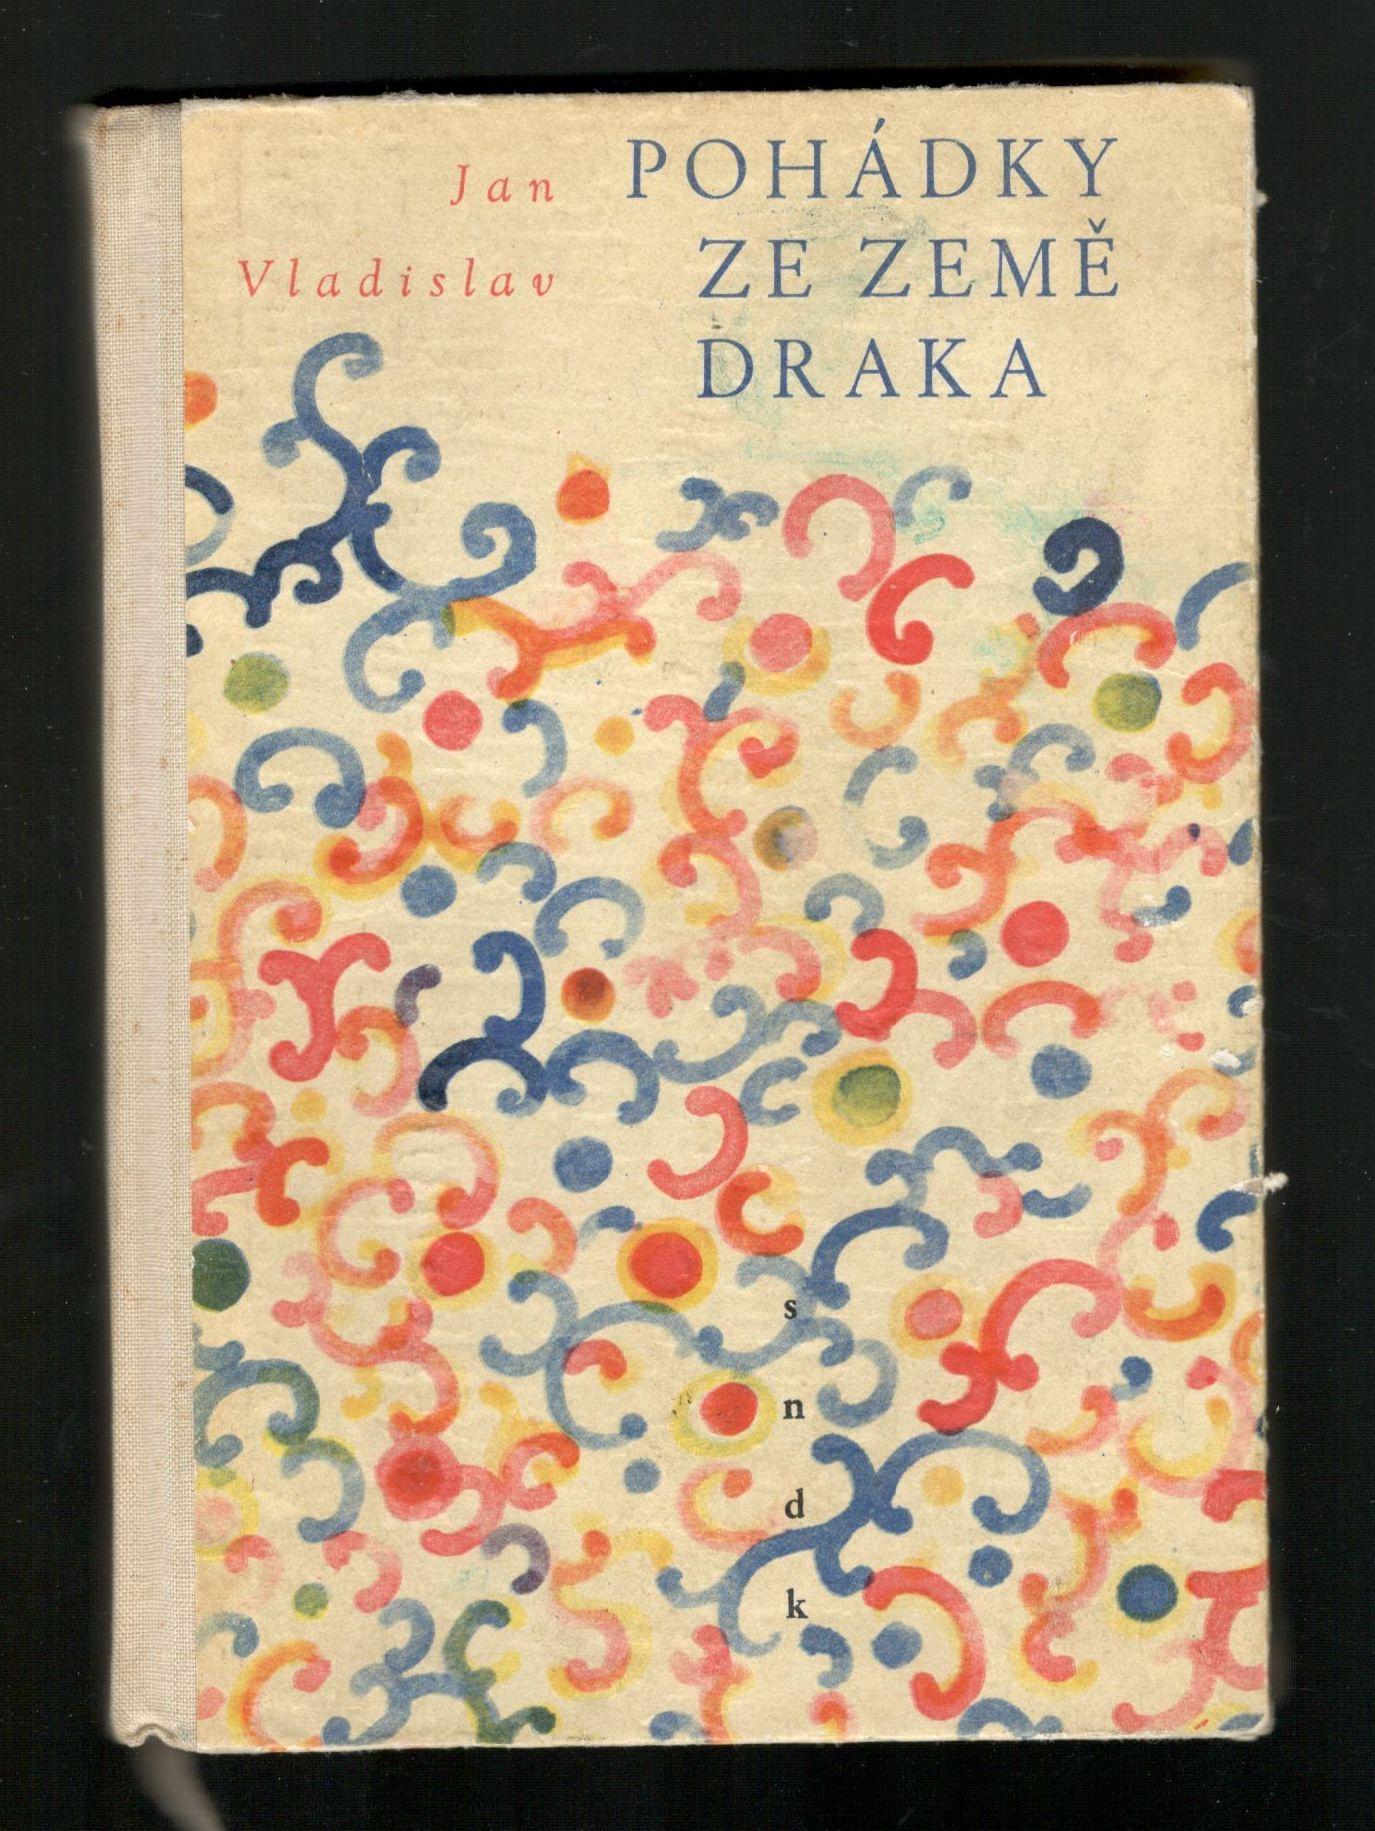 Pohádky ze Země draka - vypravuje Jan Vladislav